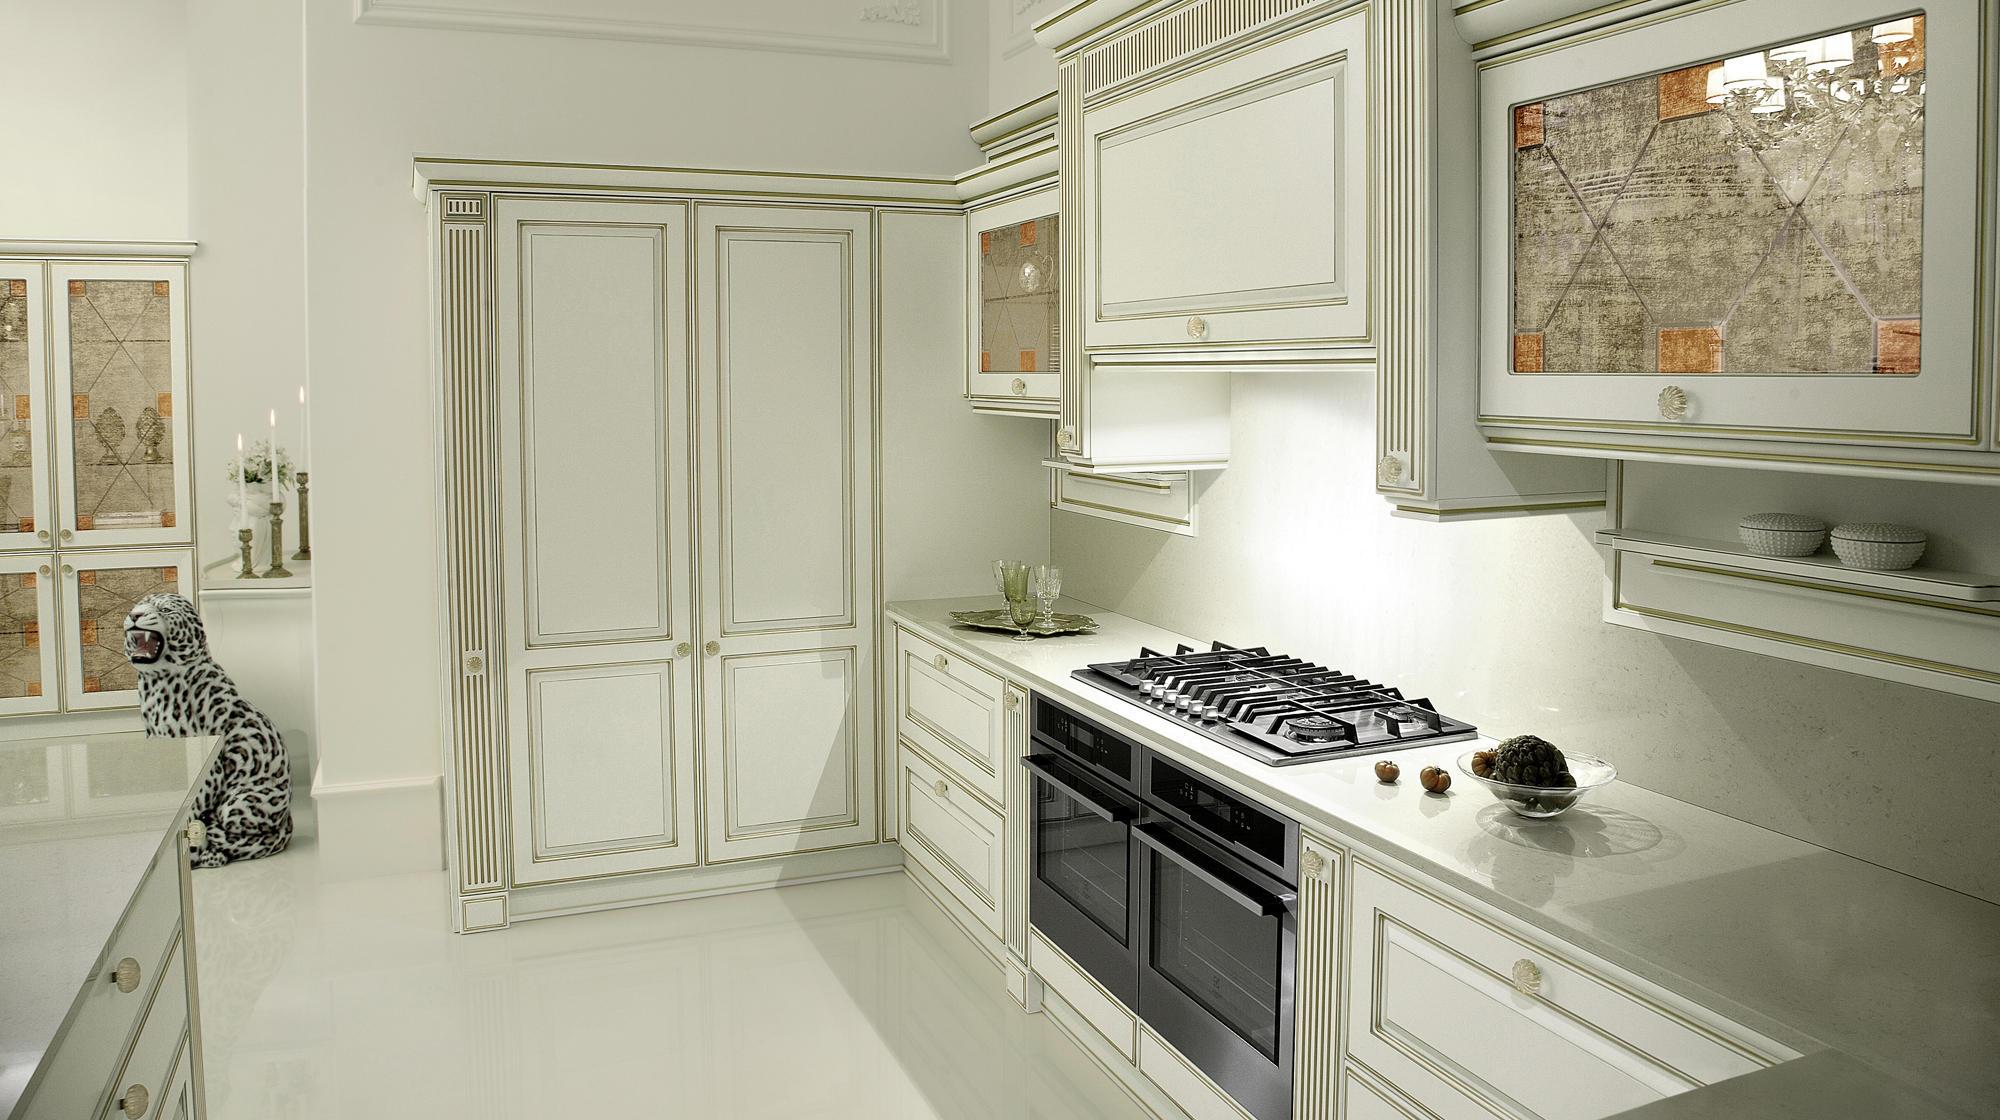 mirabeau einbauk chen von veneta cucine architonic. Black Bedroom Furniture Sets. Home Design Ideas